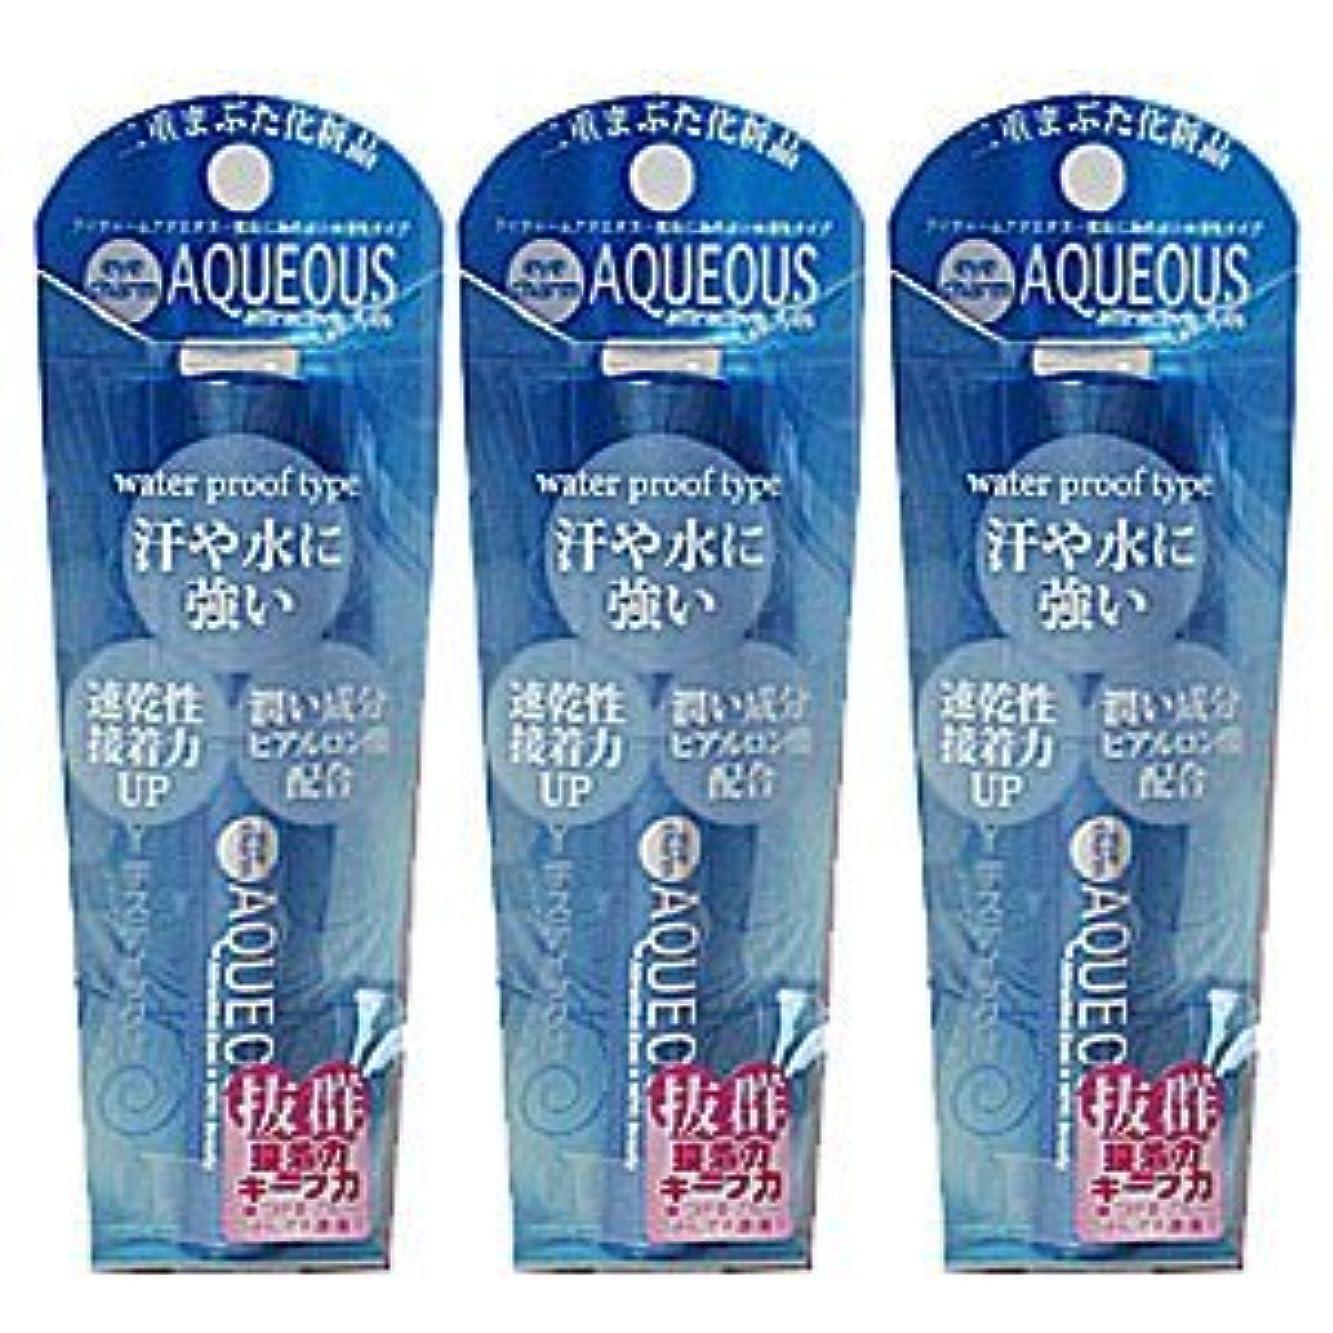 代わりに開拓者化粧LYON アイチャーム AQUEOUS NYe-120 (二重まぶた化粧品) 3個セット